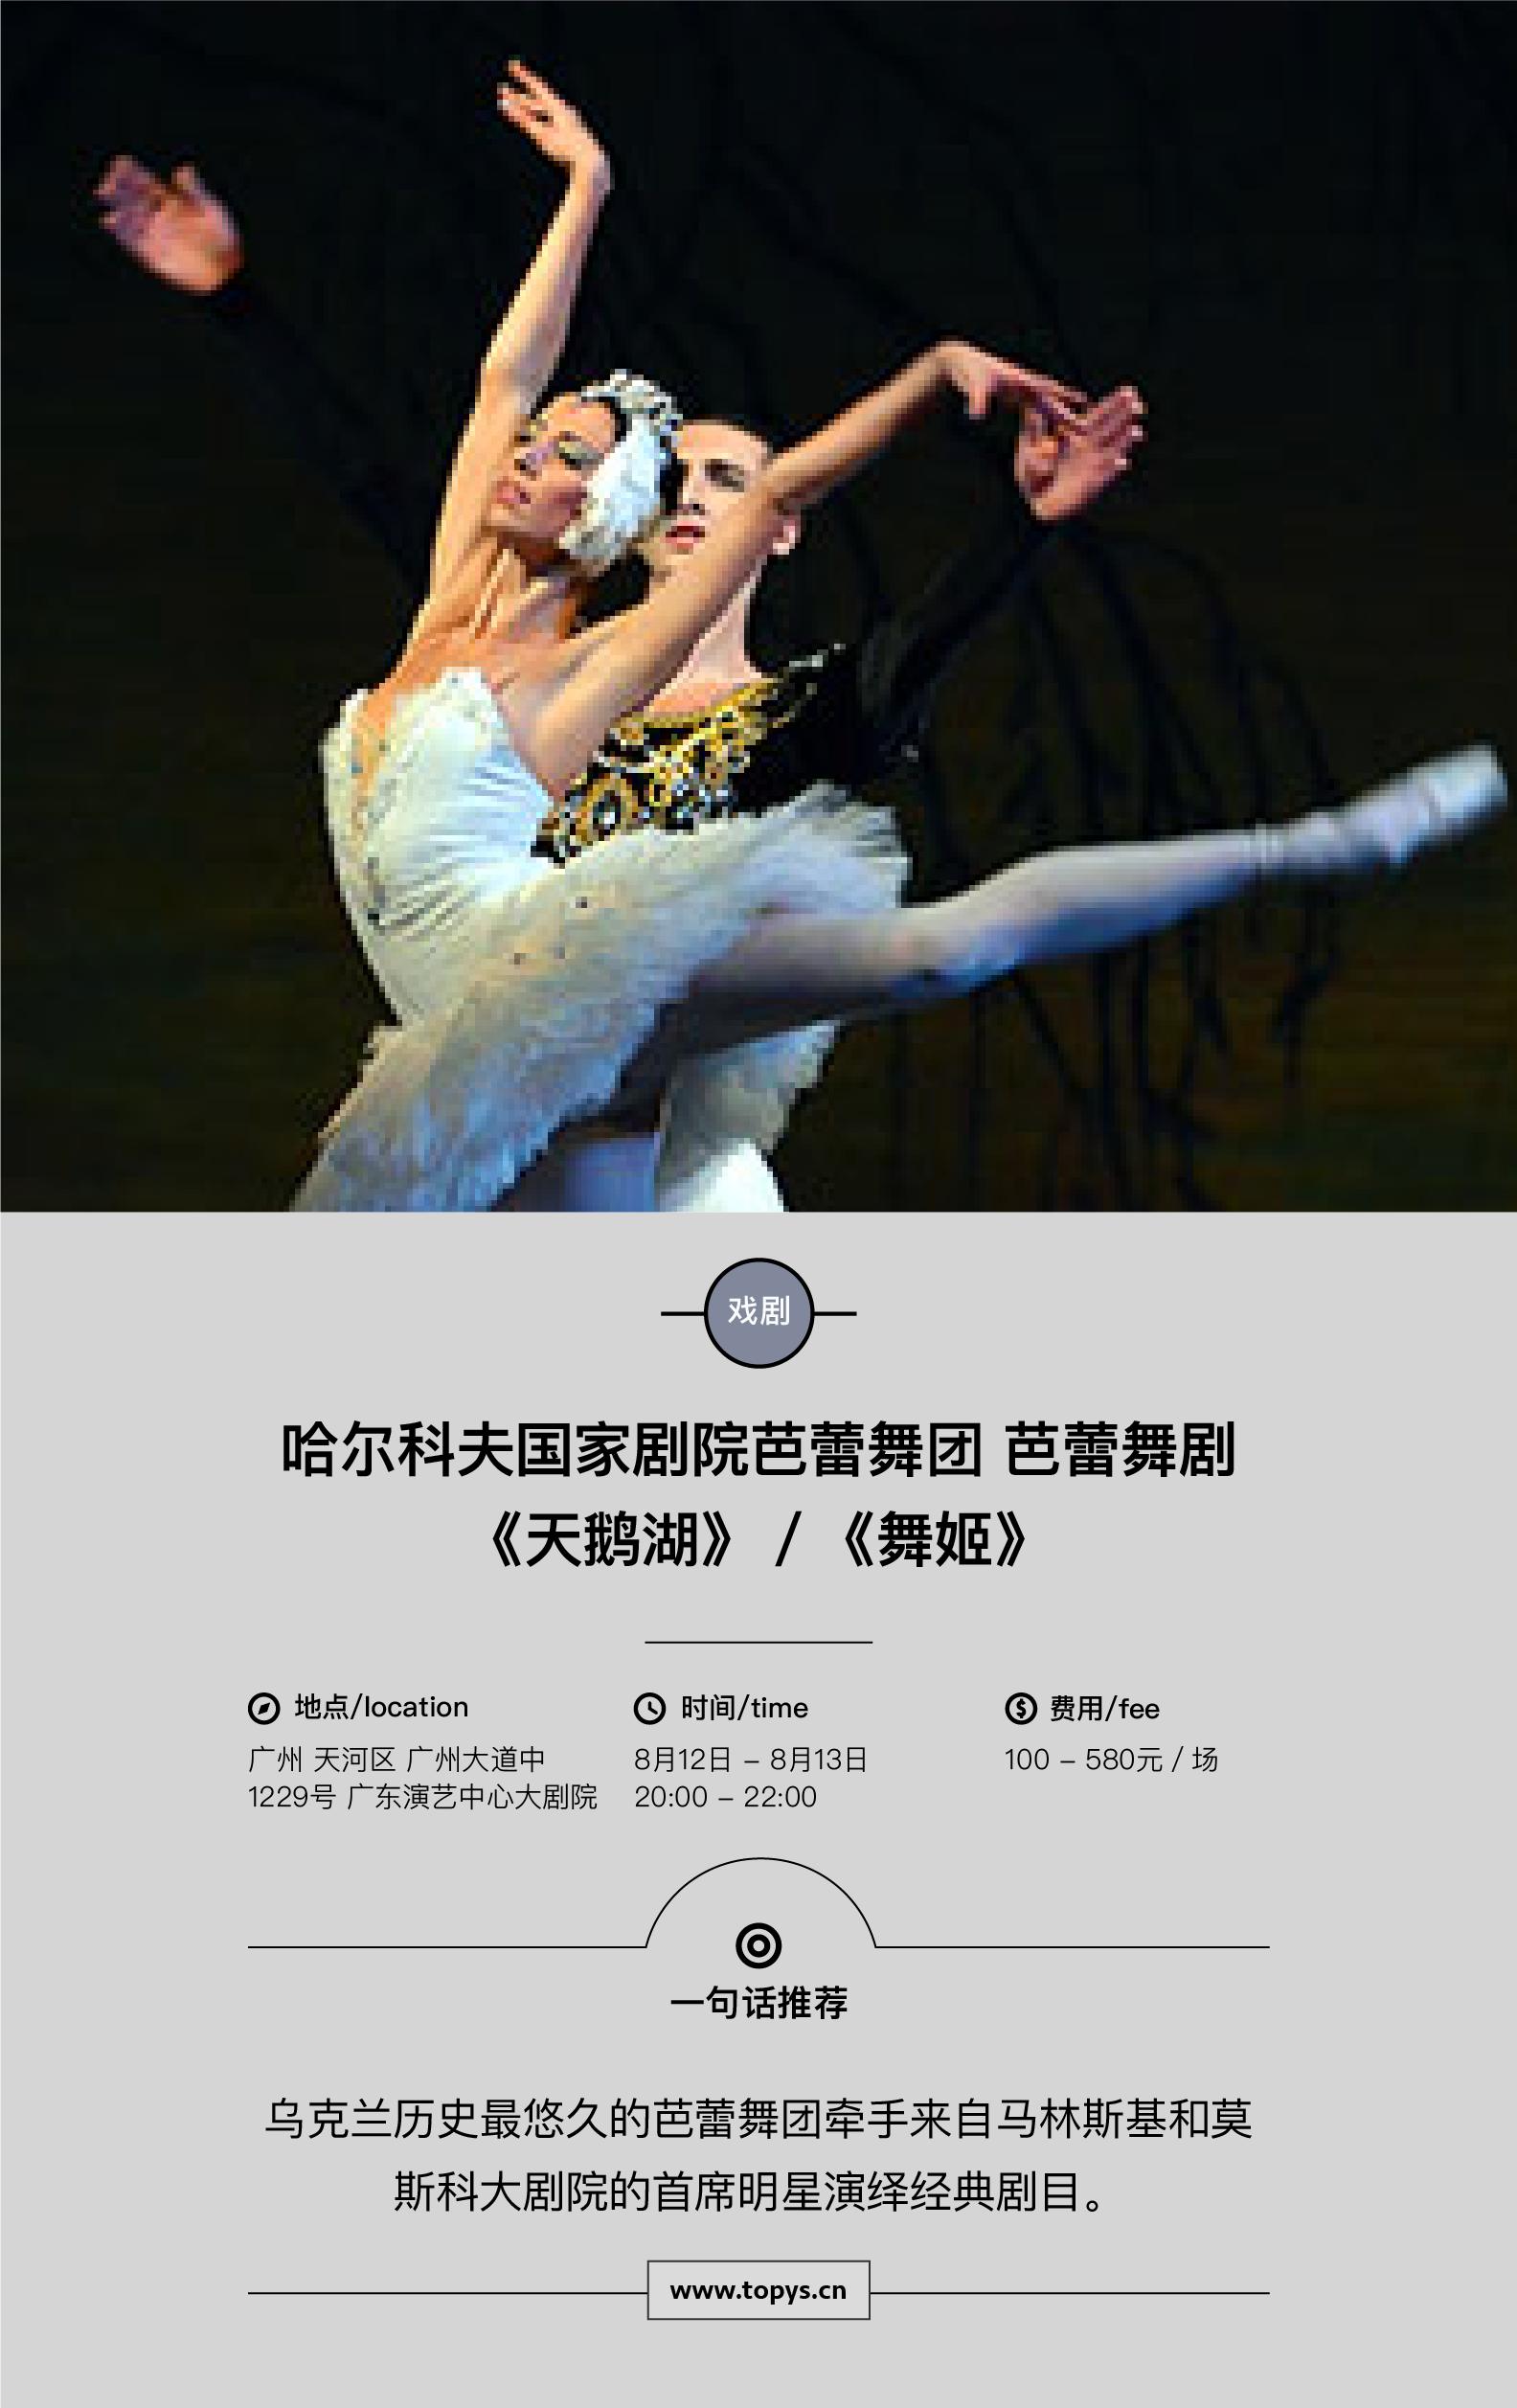 藝文指南 52-19.png